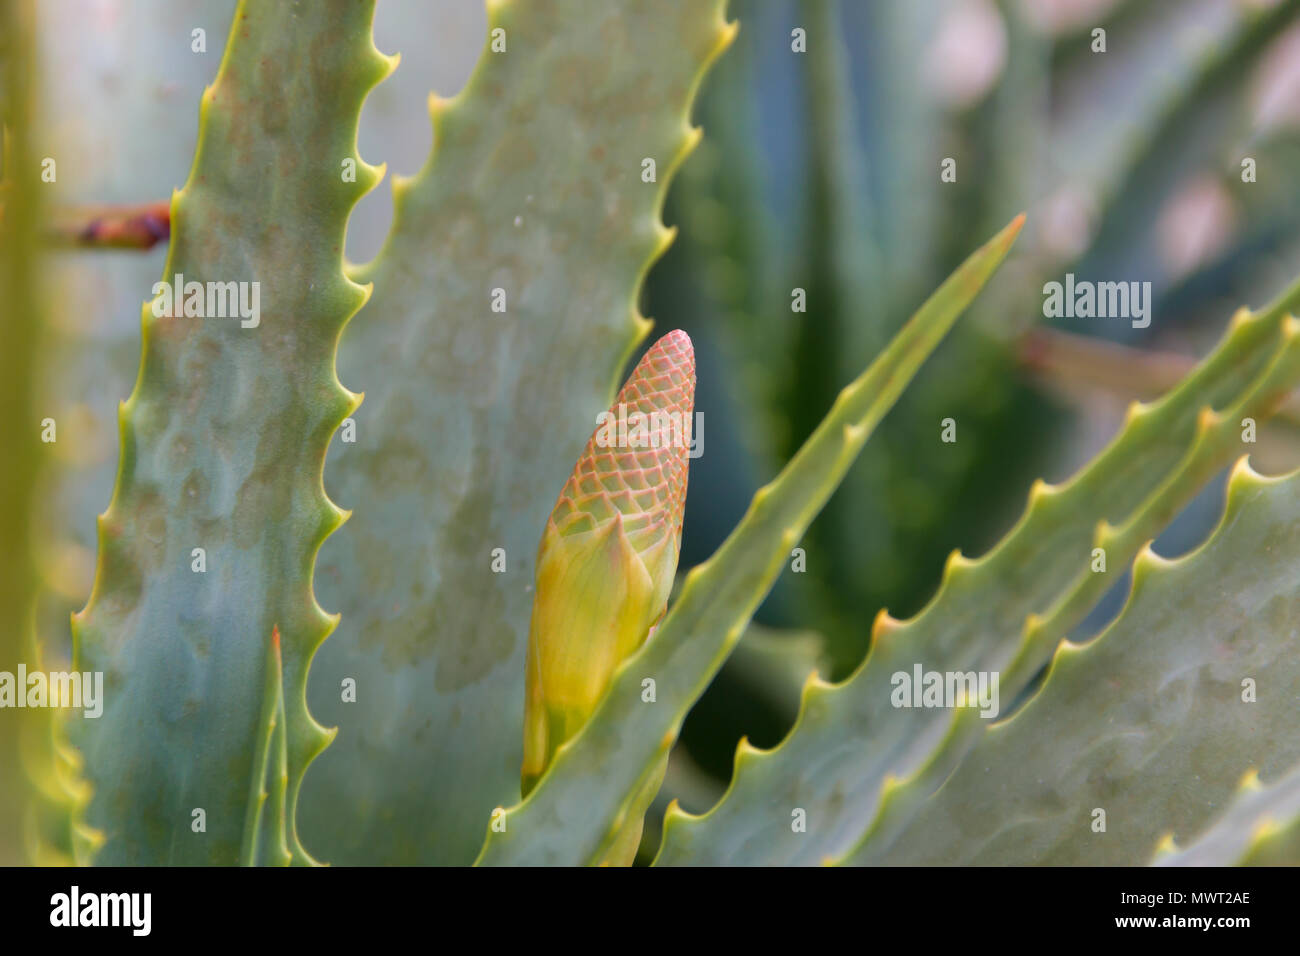 Detail De Fleur D Aloe Vera Banque D Images Photo Stock 187998790